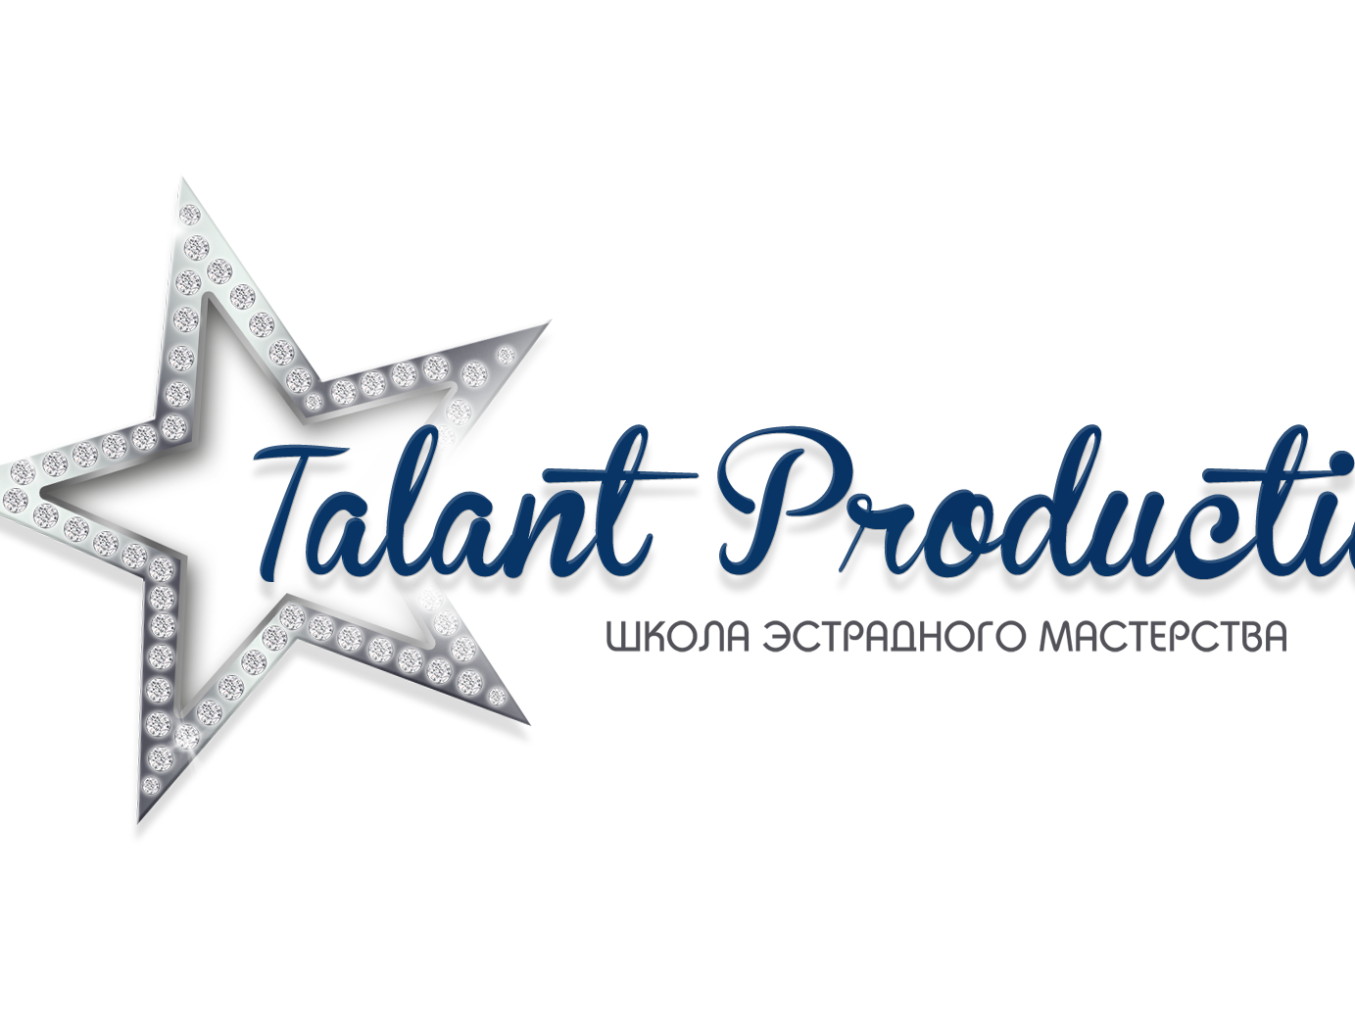 """""""Talant Production"""" - верный путь к успеху!"""